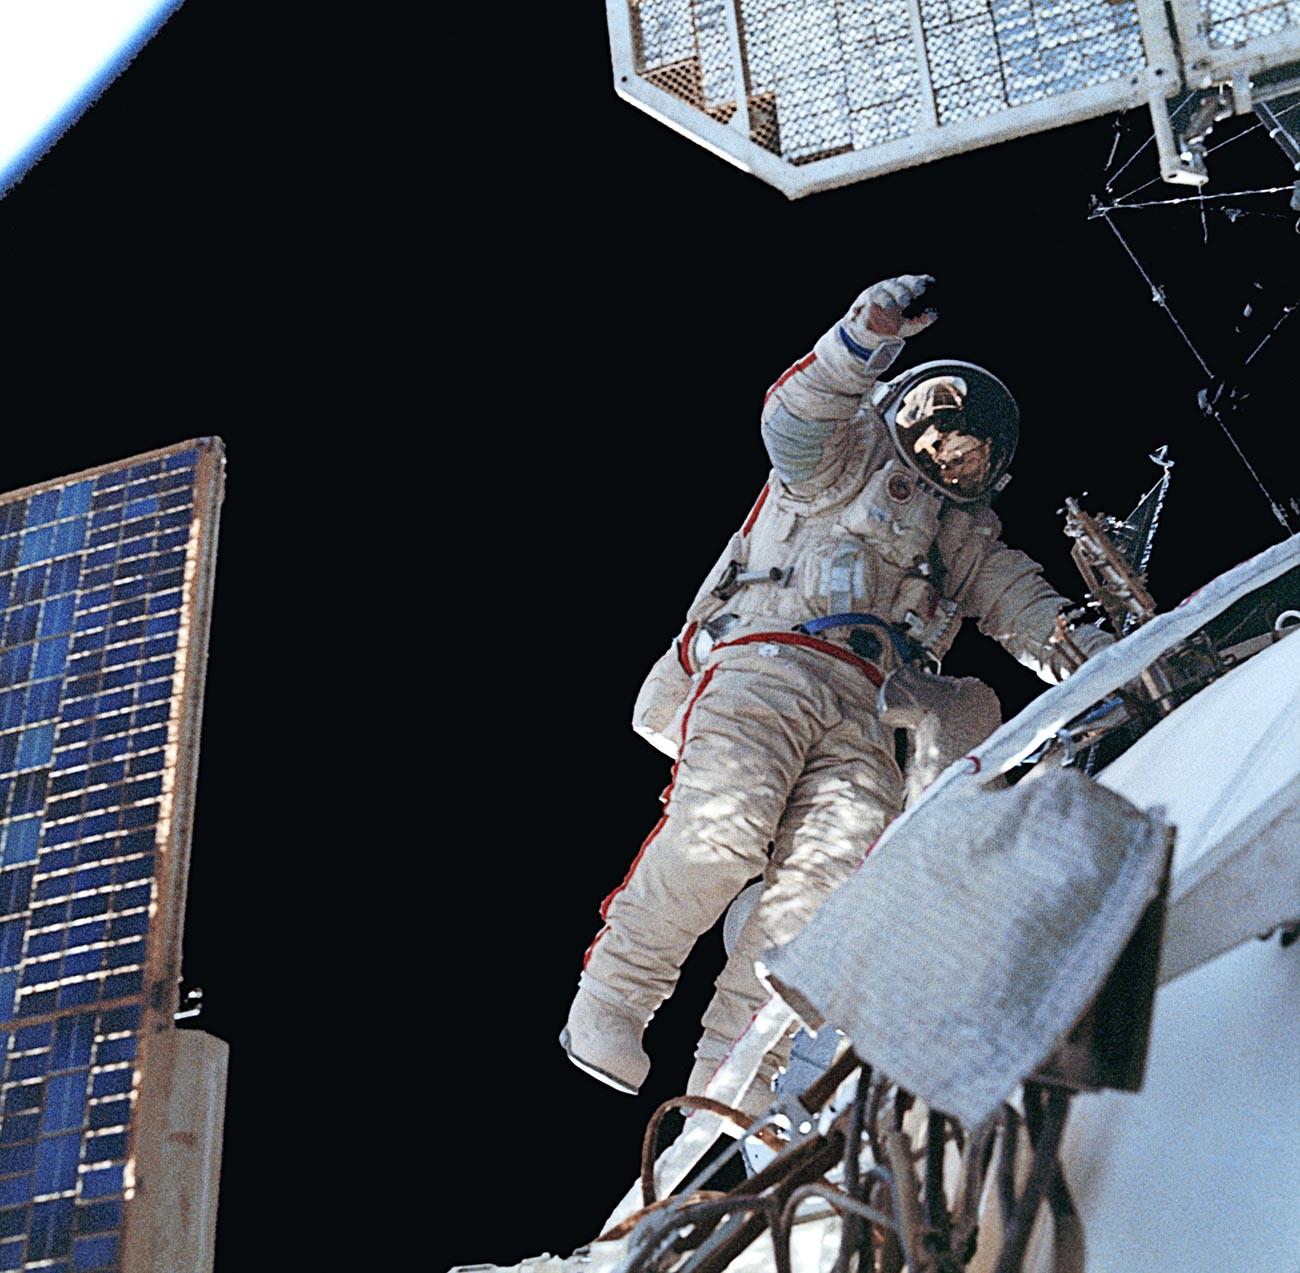 Cosmonaut Alexander Volkov during a spacewalk.